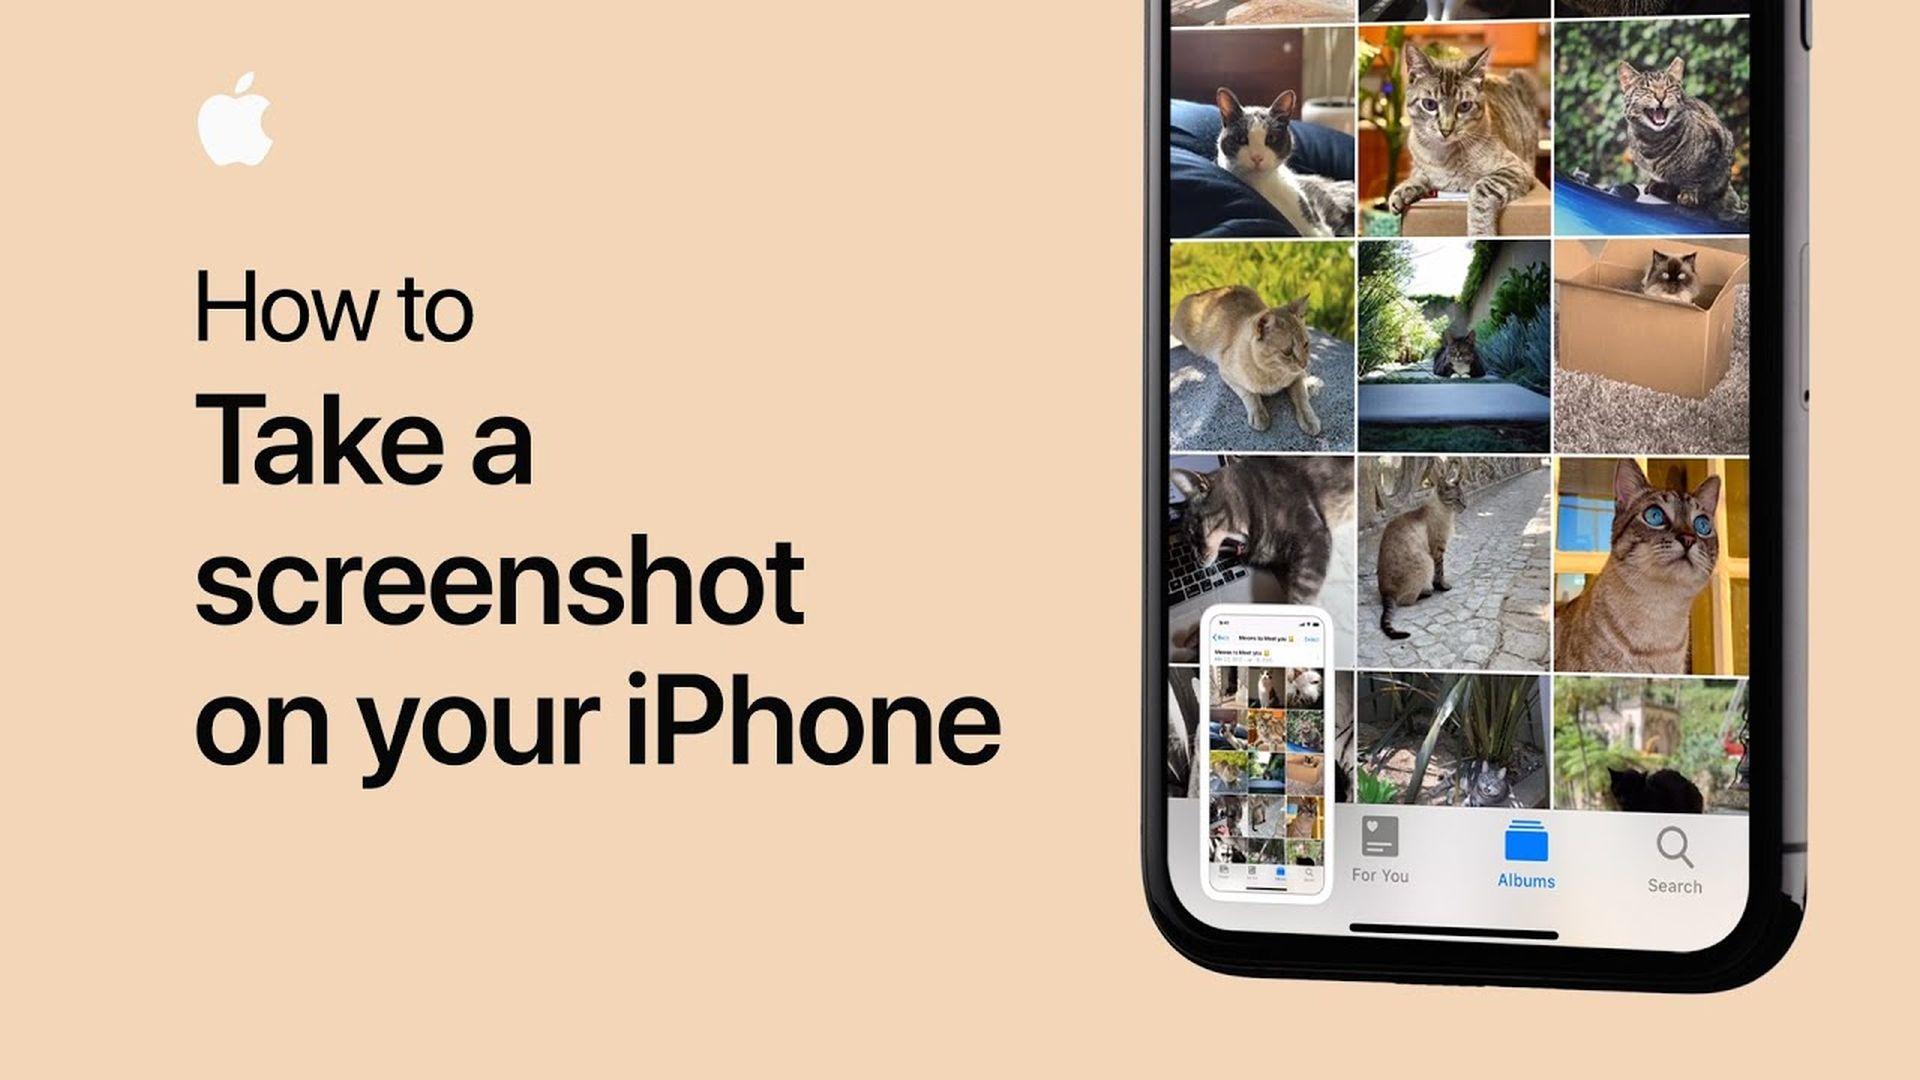 Poradnik Apple: Jak zrobić zrzut ekranu na iPhonie lub iPadzie